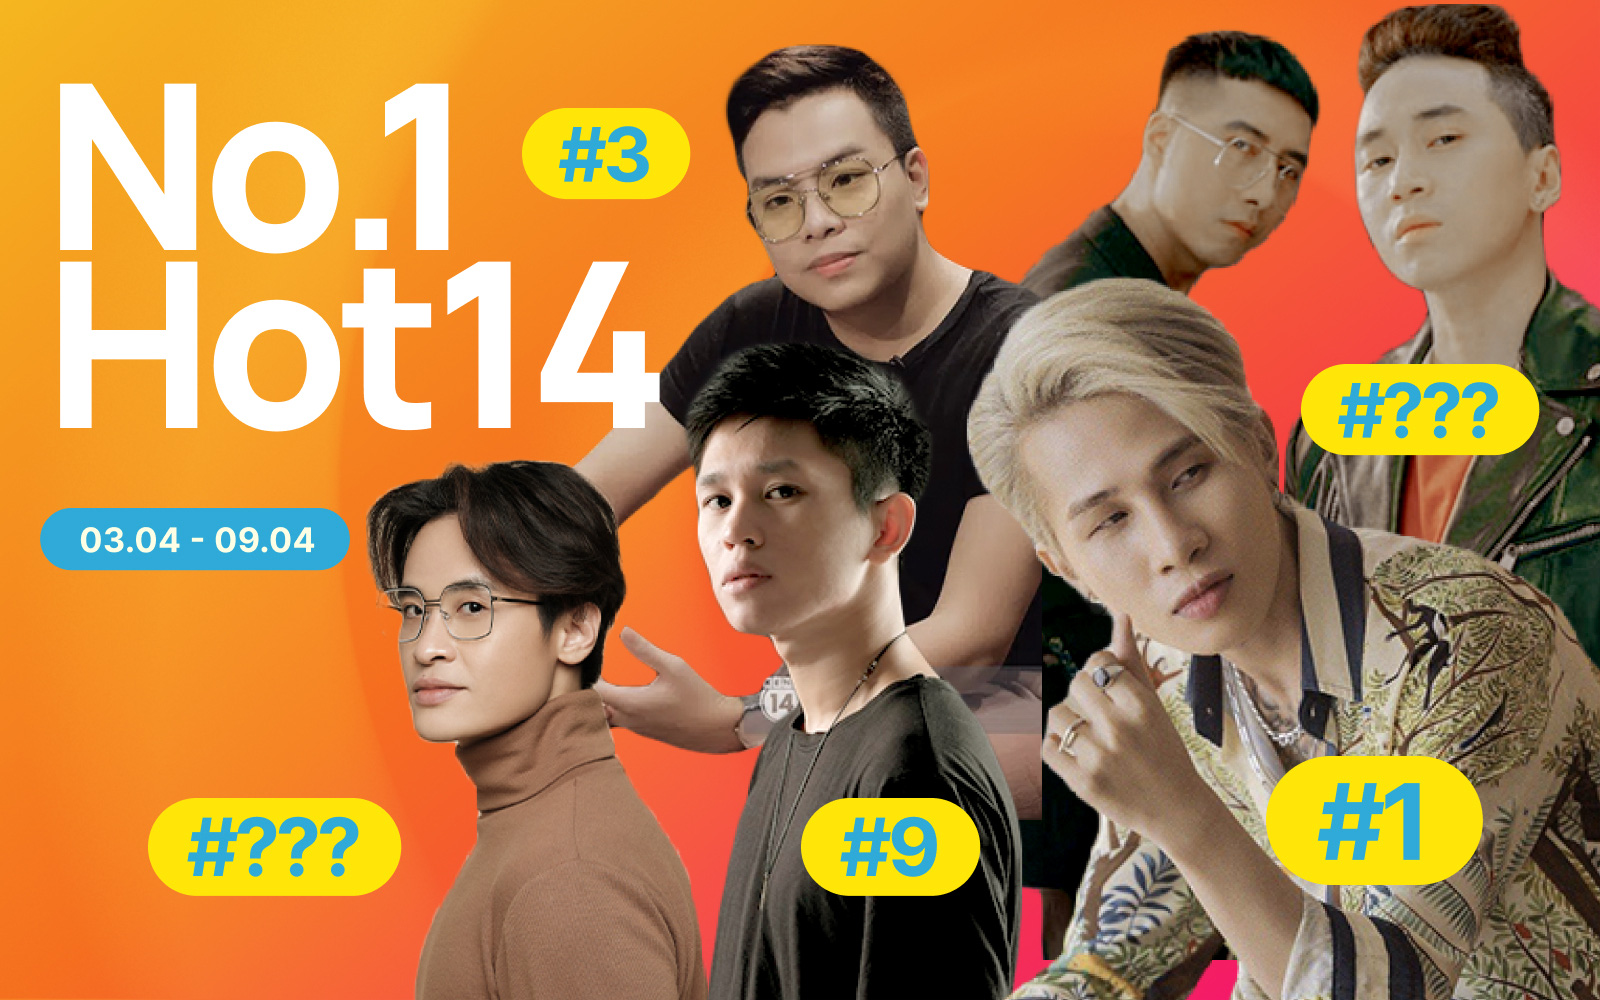 Hà Anh Tuấn bất ngờ debut hạng cao, Jack suýt mất No.1 về tay hit Sài Gòn Đau Lòng Quá và 5 nhân tố mới tại HOT14